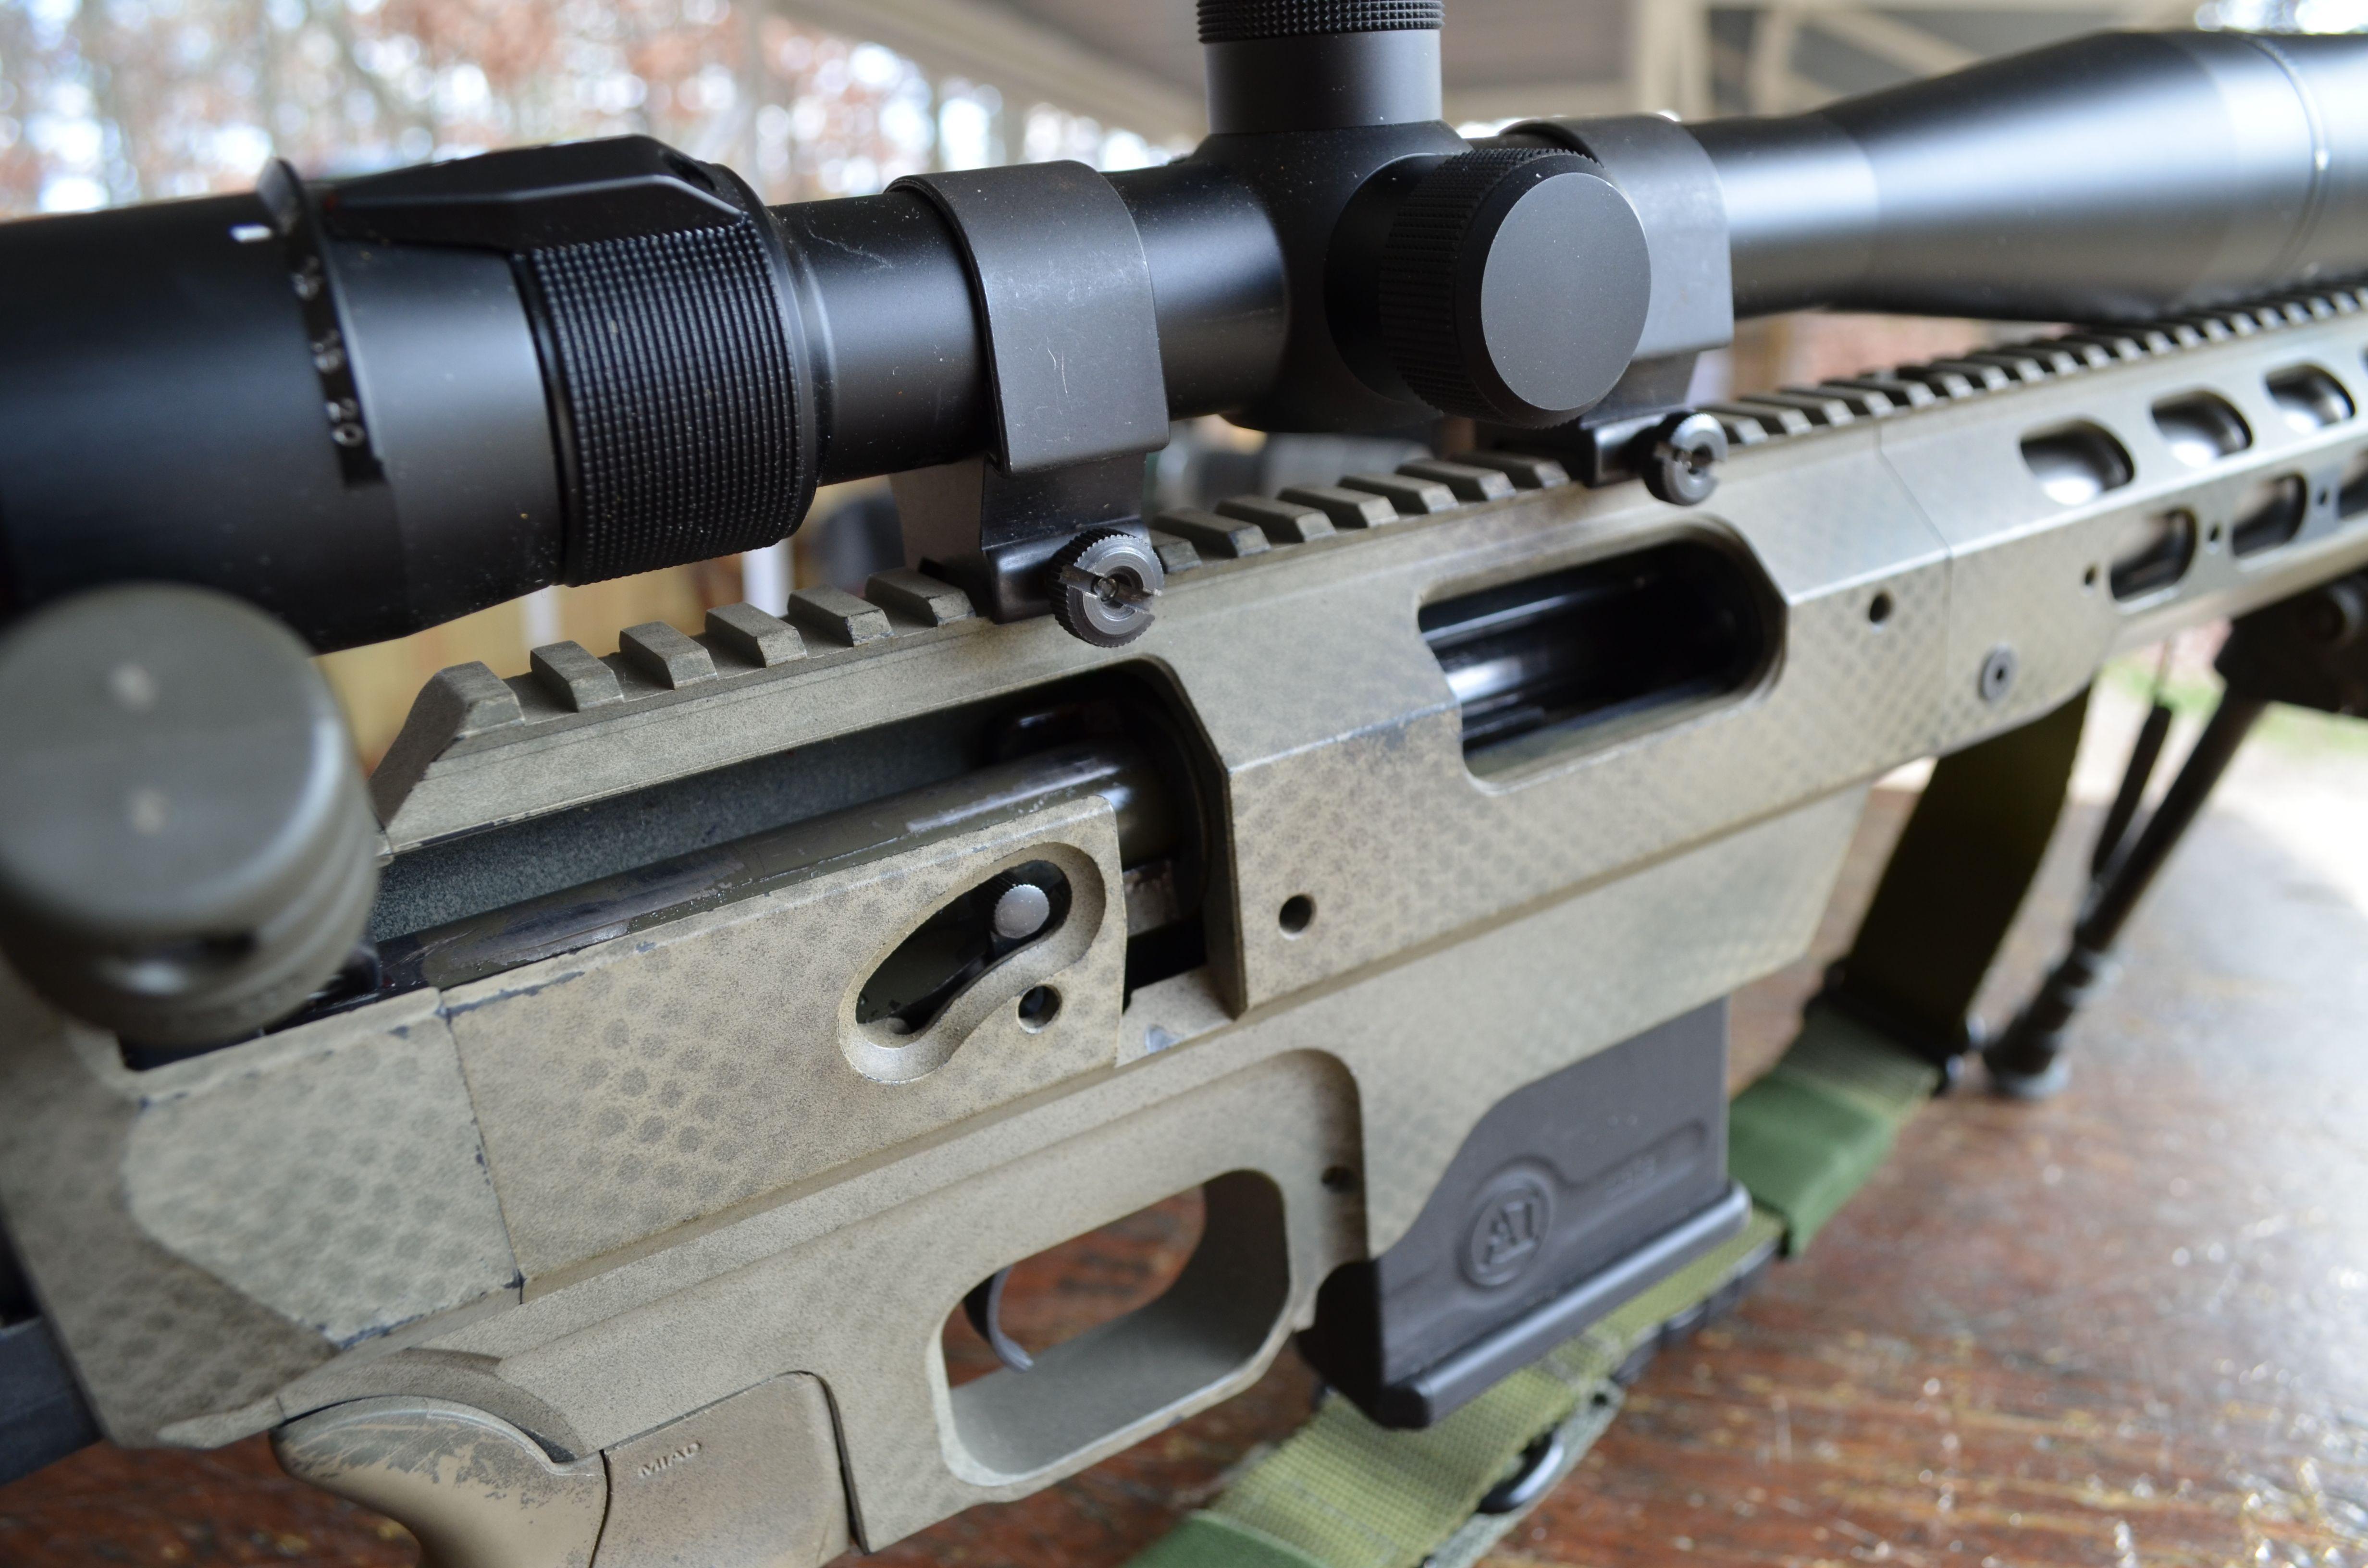 Rifle stock or chassis? – rifleshooter com